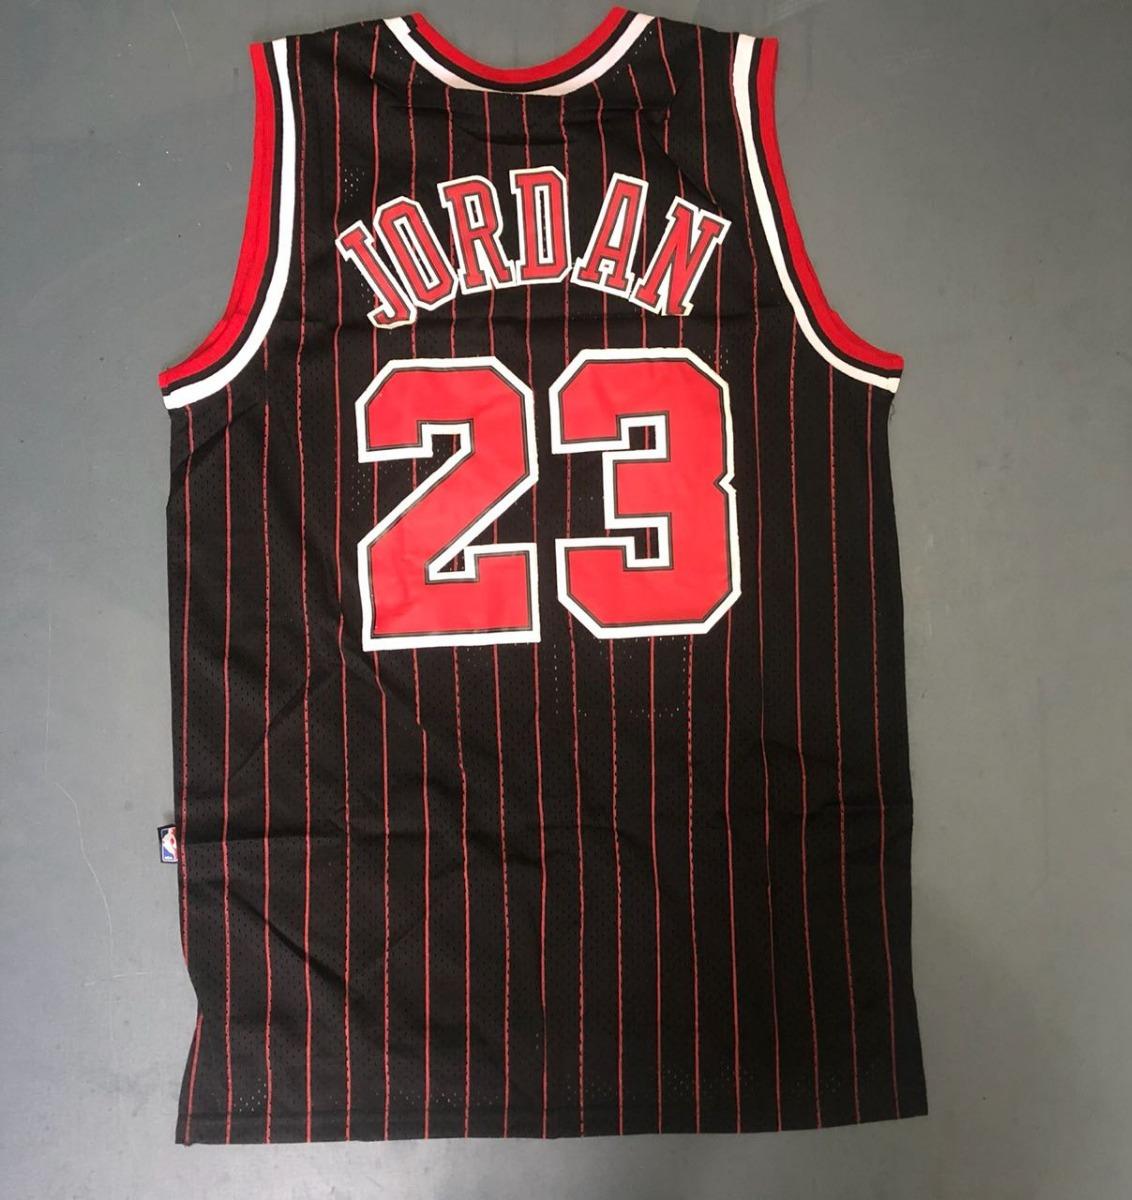 Camisa Regata adidas Nba Chigaco Bulls Original De R 250 Por - R ... 3d394f89e66f3